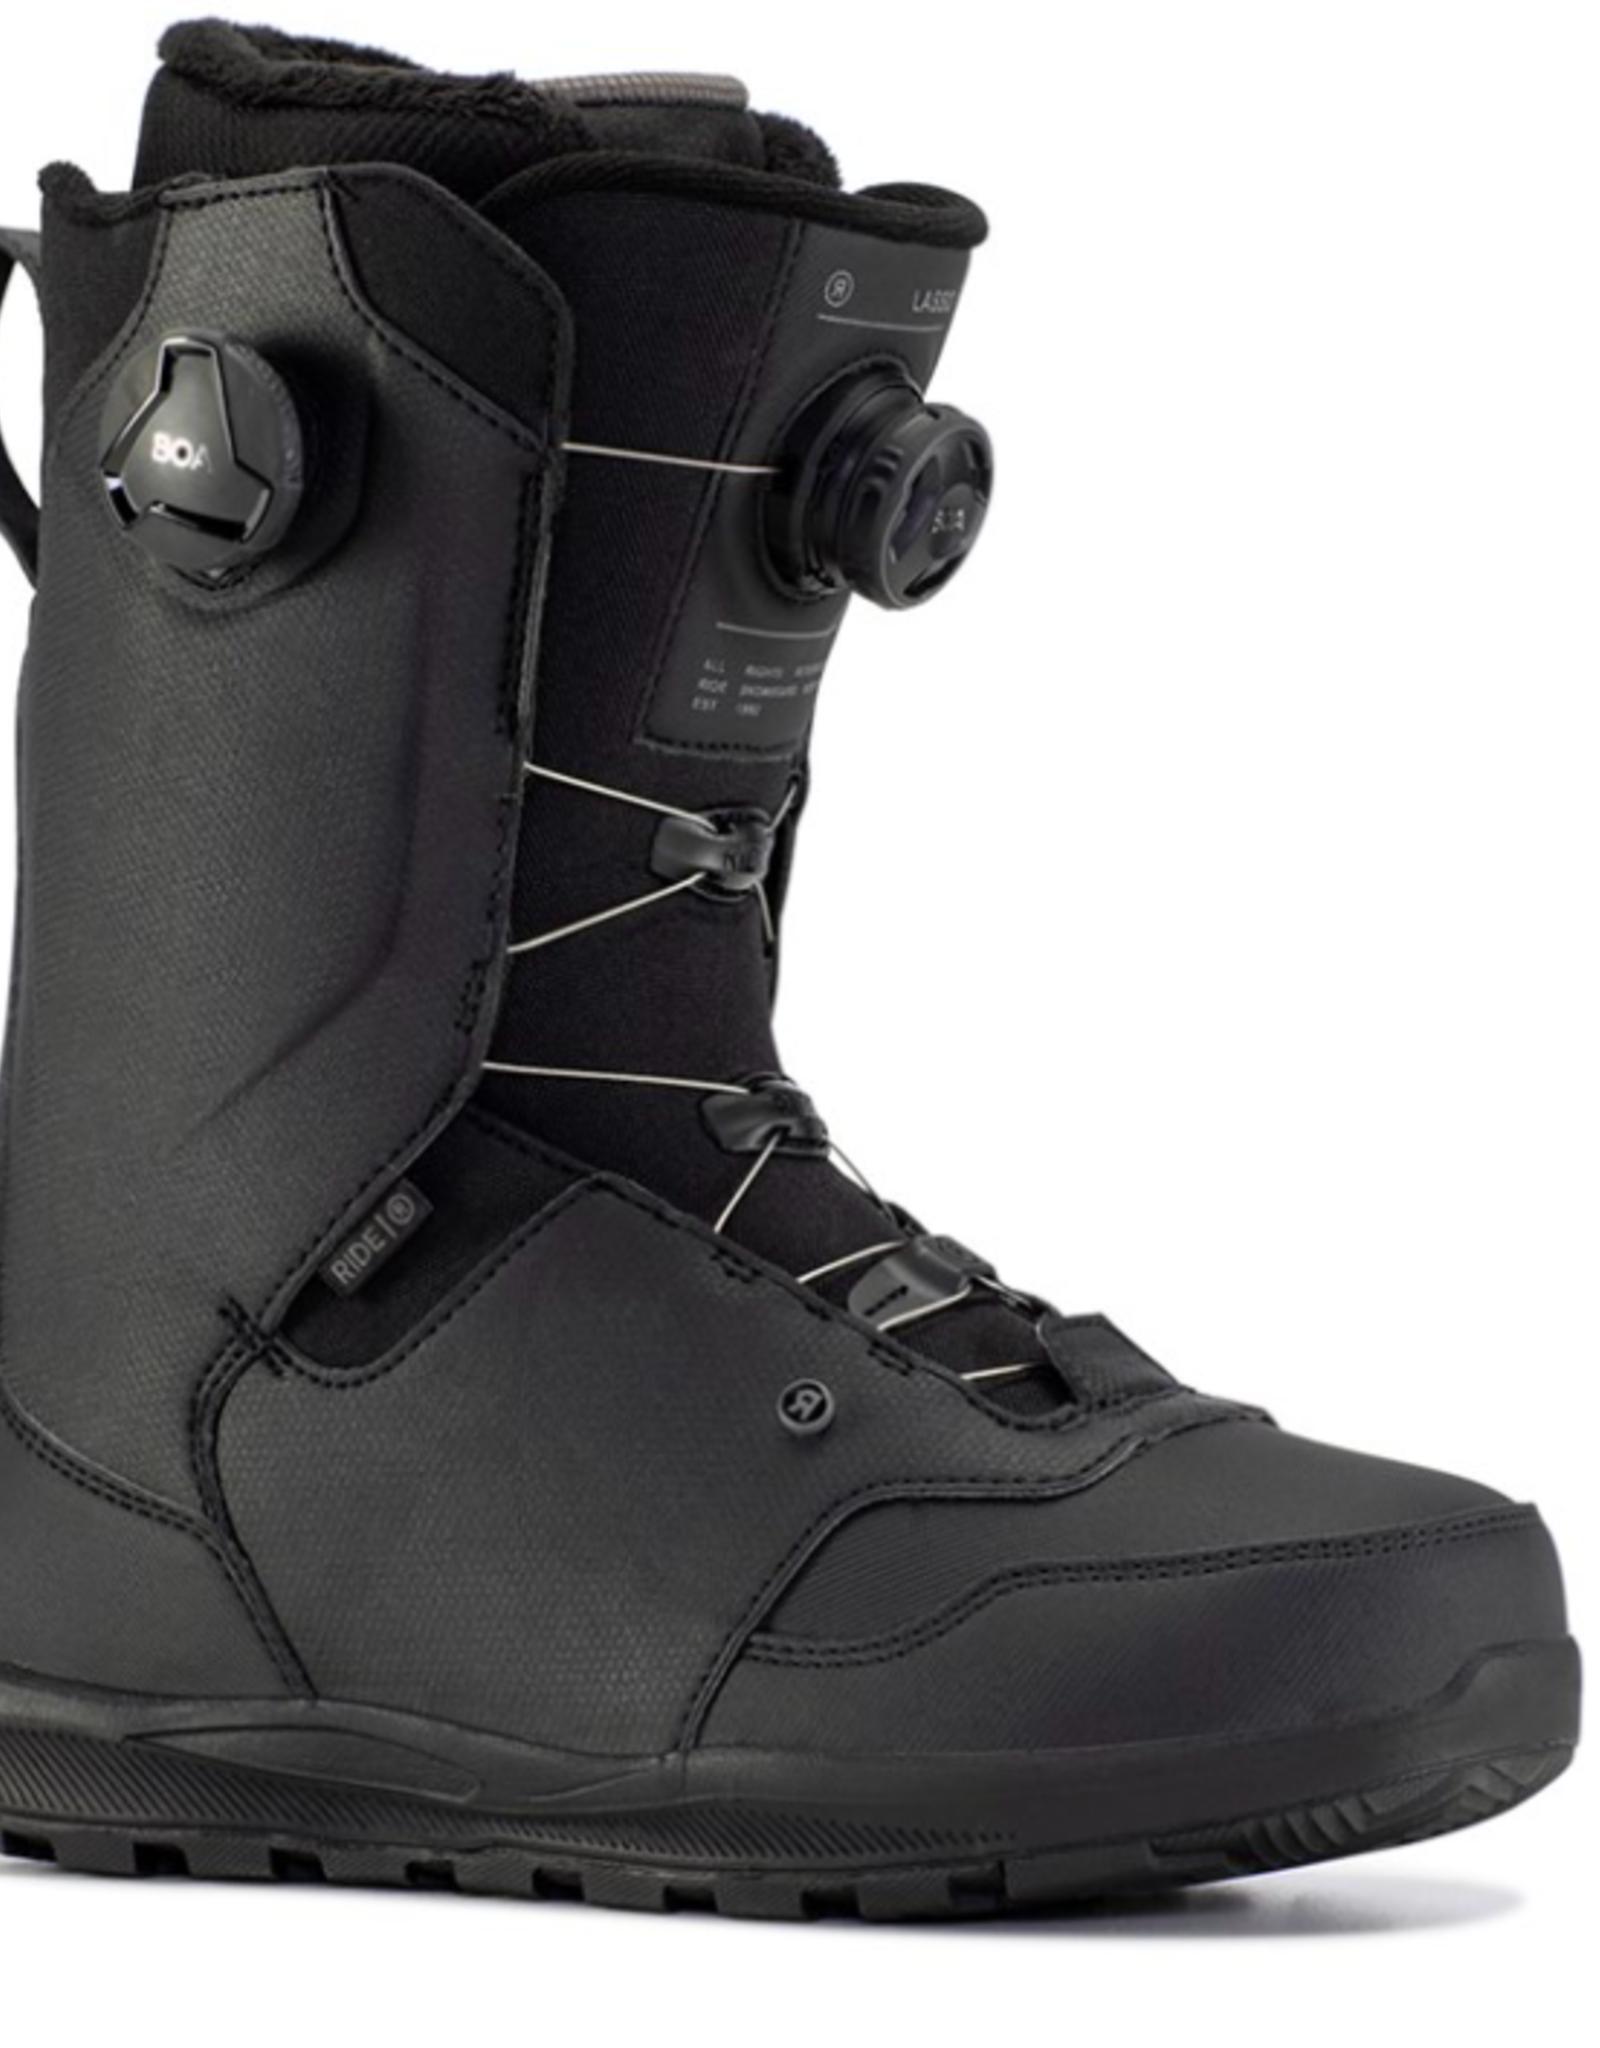 RIDE Ride Men's Lasso Snowboard Boots Black 2022